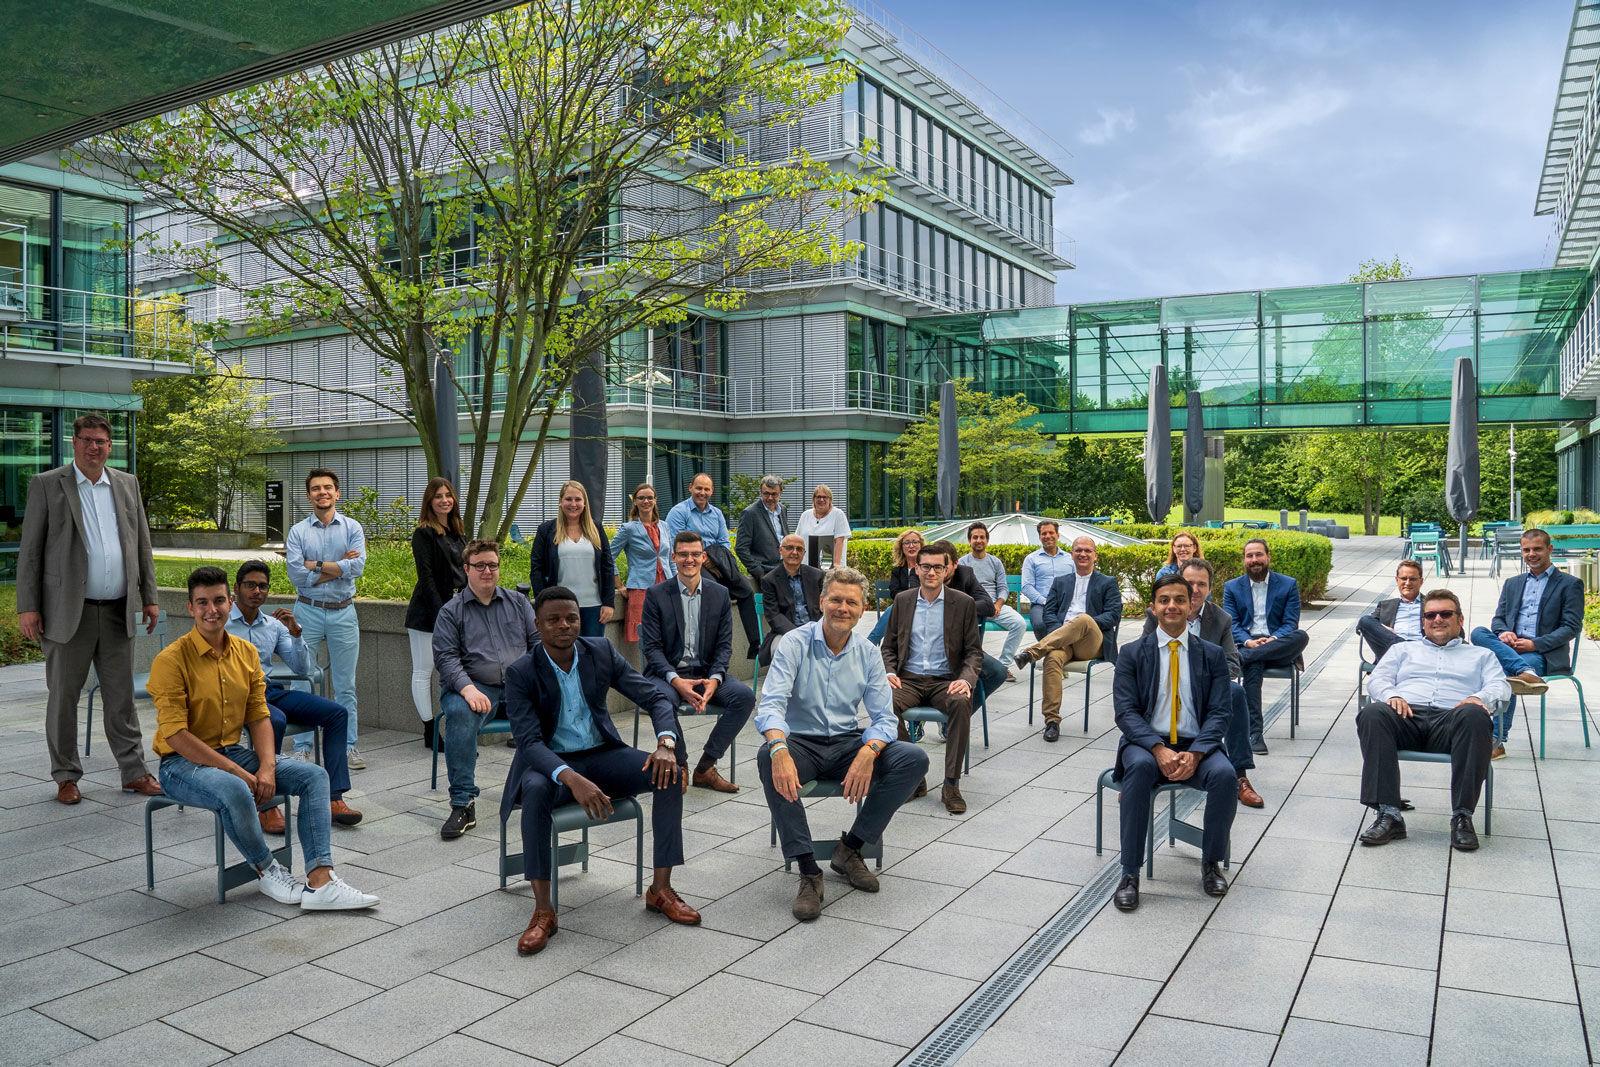 Medientechniker Fachrichtung Videokonferenz - Job Stuttgart - Karriere -MVC GmbH